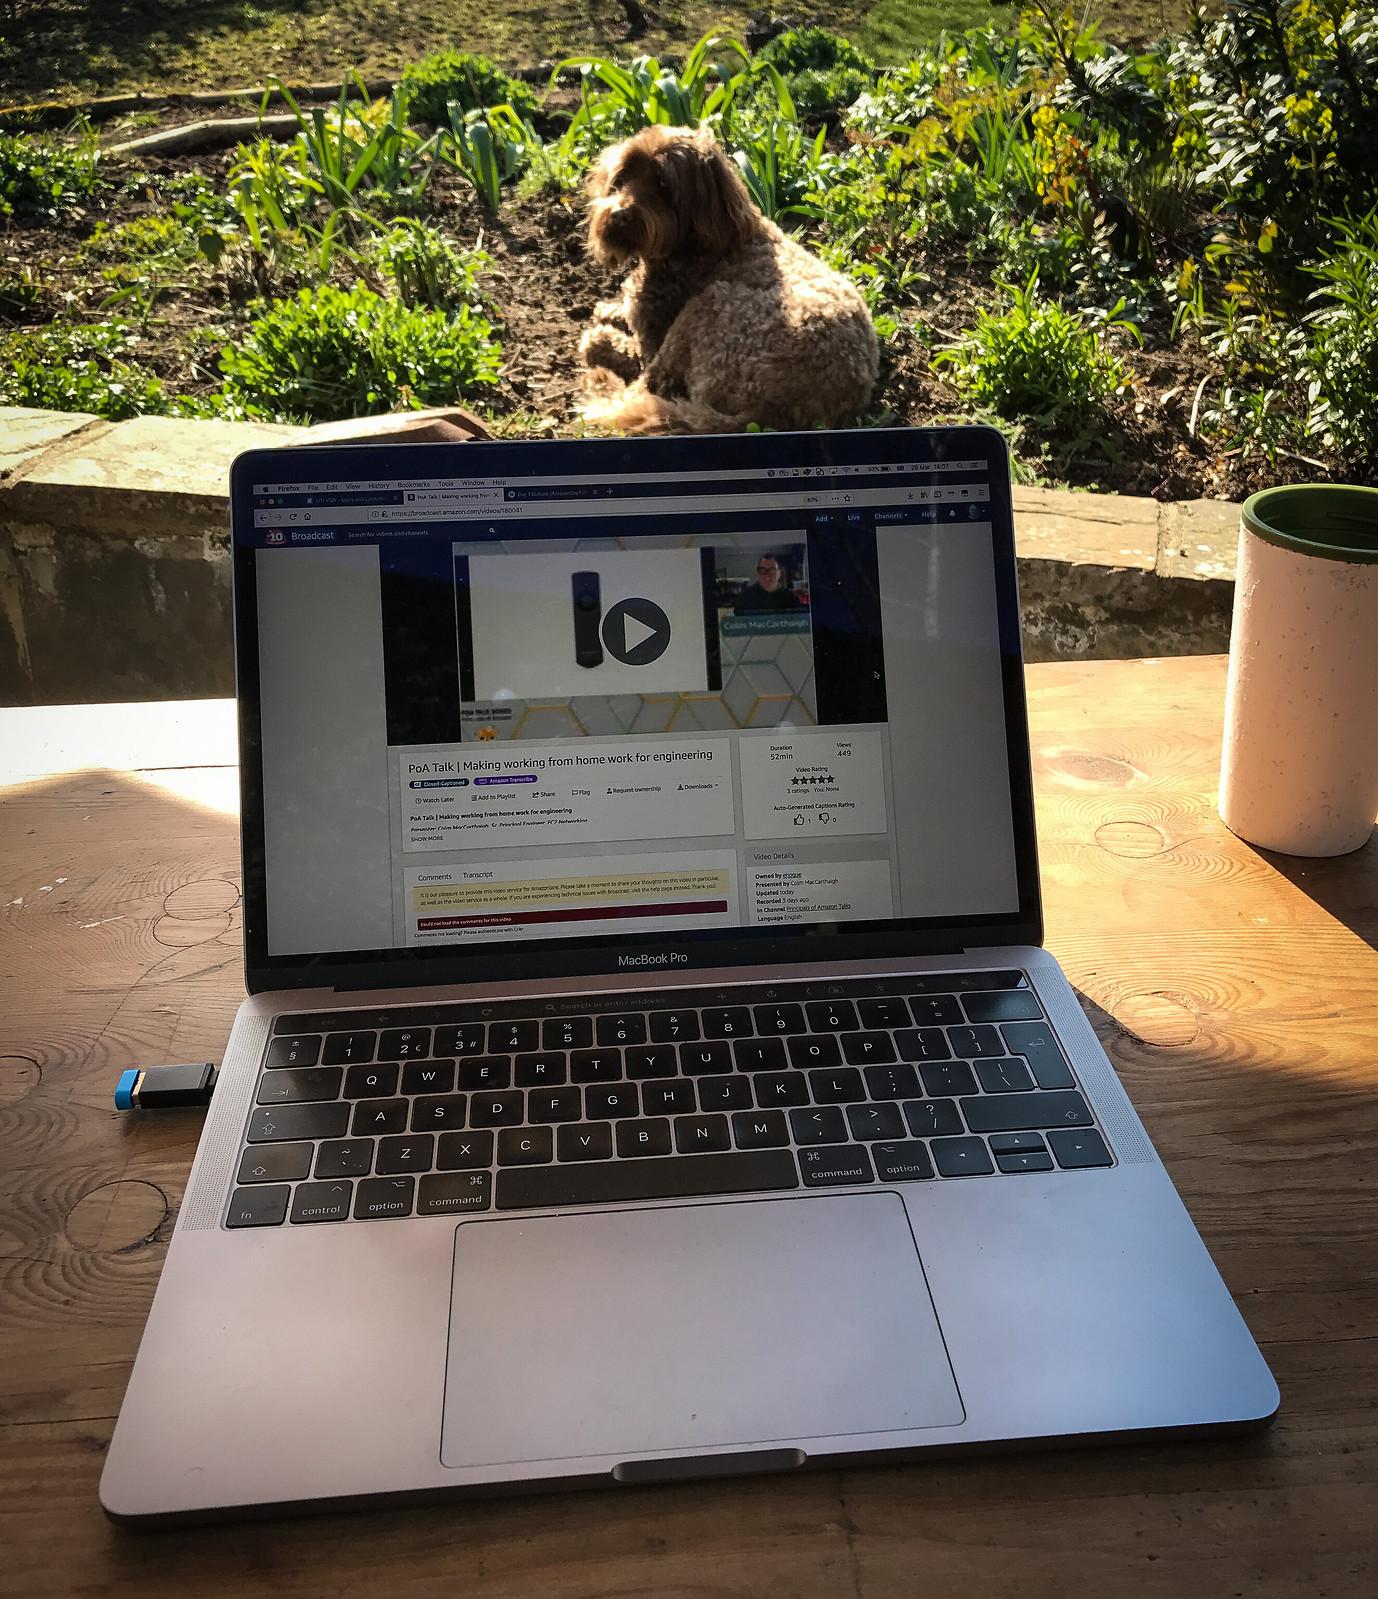 Working from garden